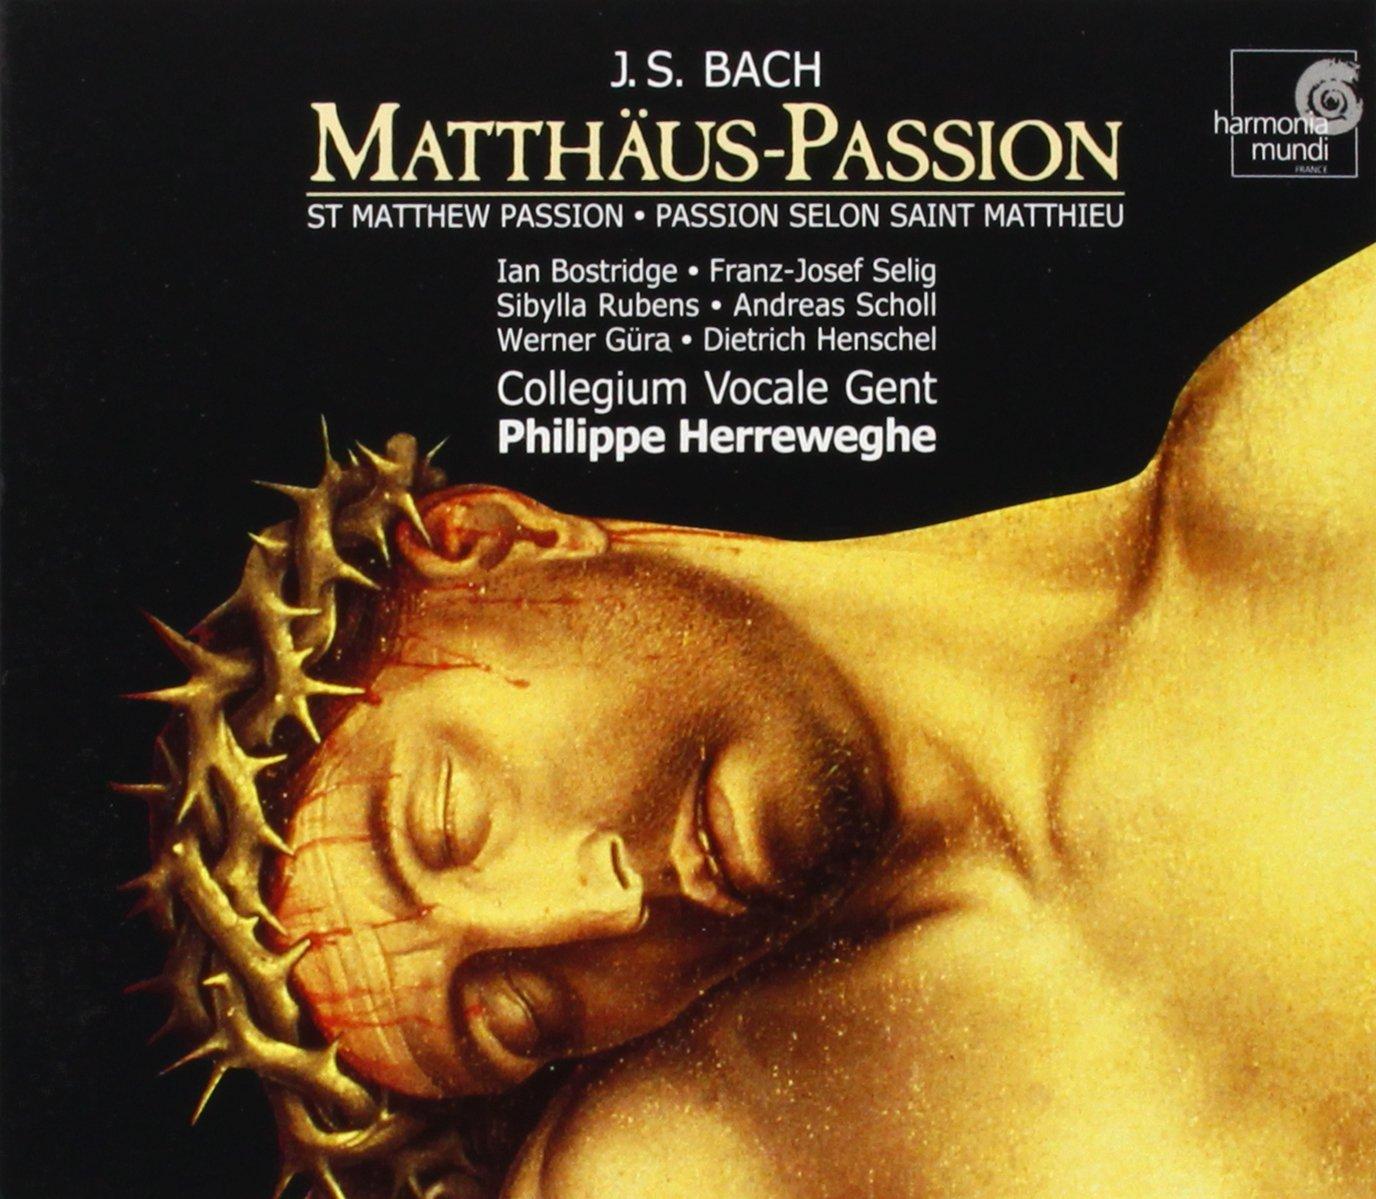 Bach, J.S.: St. Matthew Passion by HARMONIA MUNDI